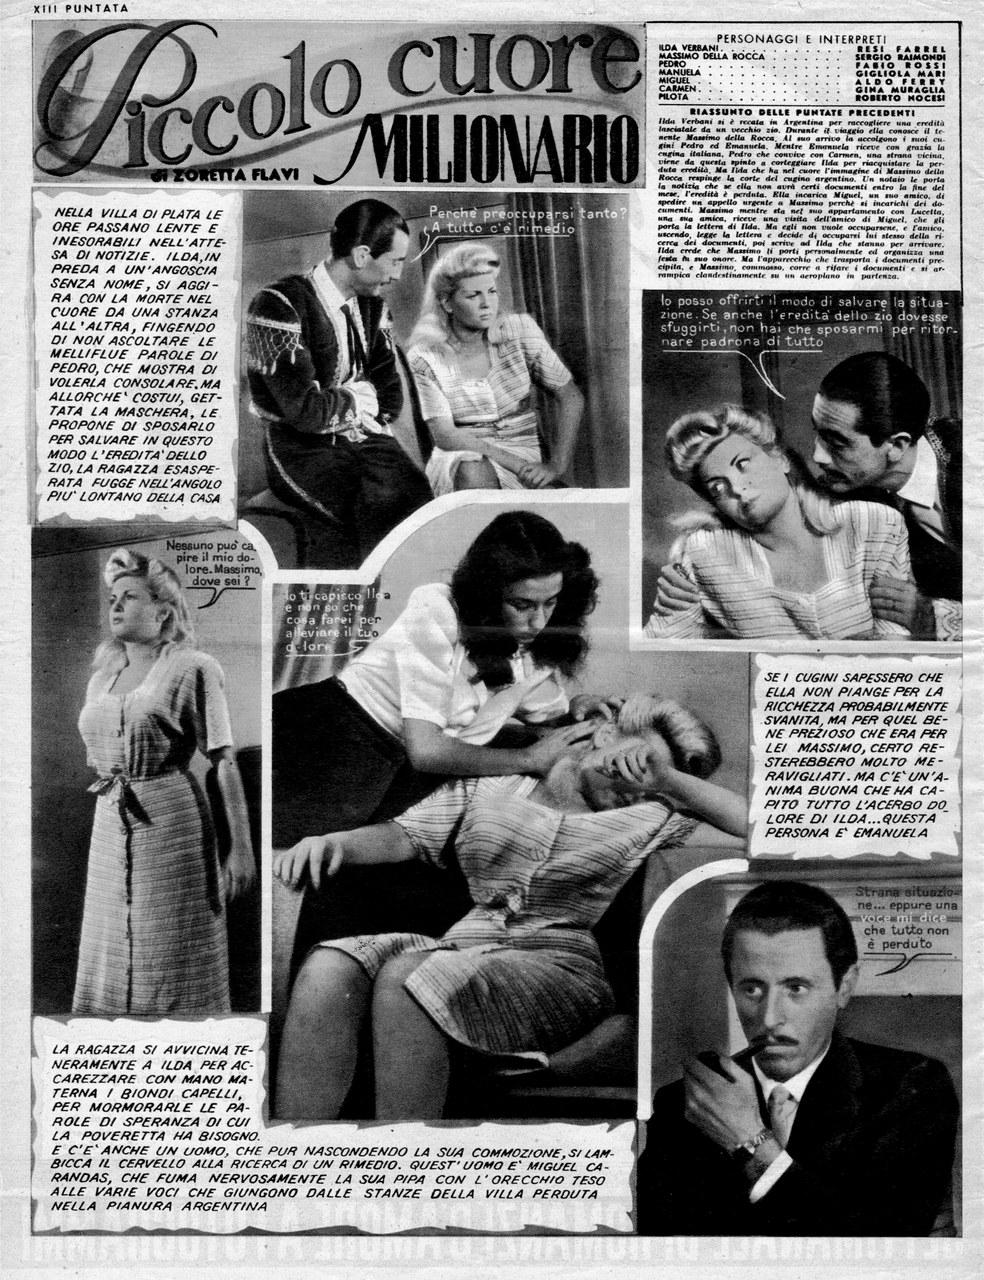 Piccolo cuore milionario, fragment d'un des premiers romans-photos publiés dans Il Mio Sogno (4 janvier 1948)